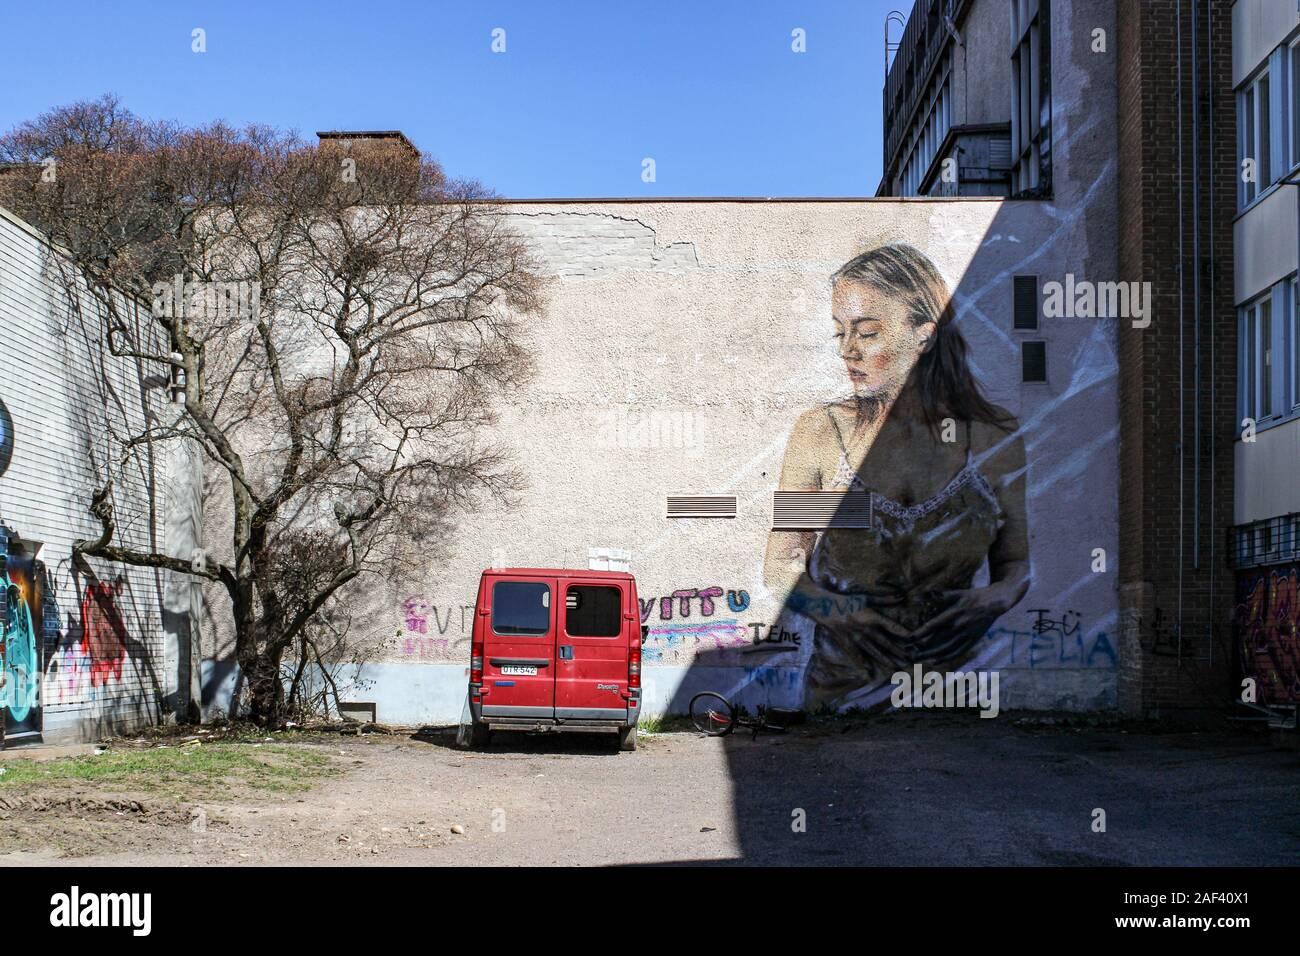 Van d'un sans-abri et grand graffiti sur cour intérieure de bâtiments à être démoli à Järvenpää, Finlande Banque D'Images